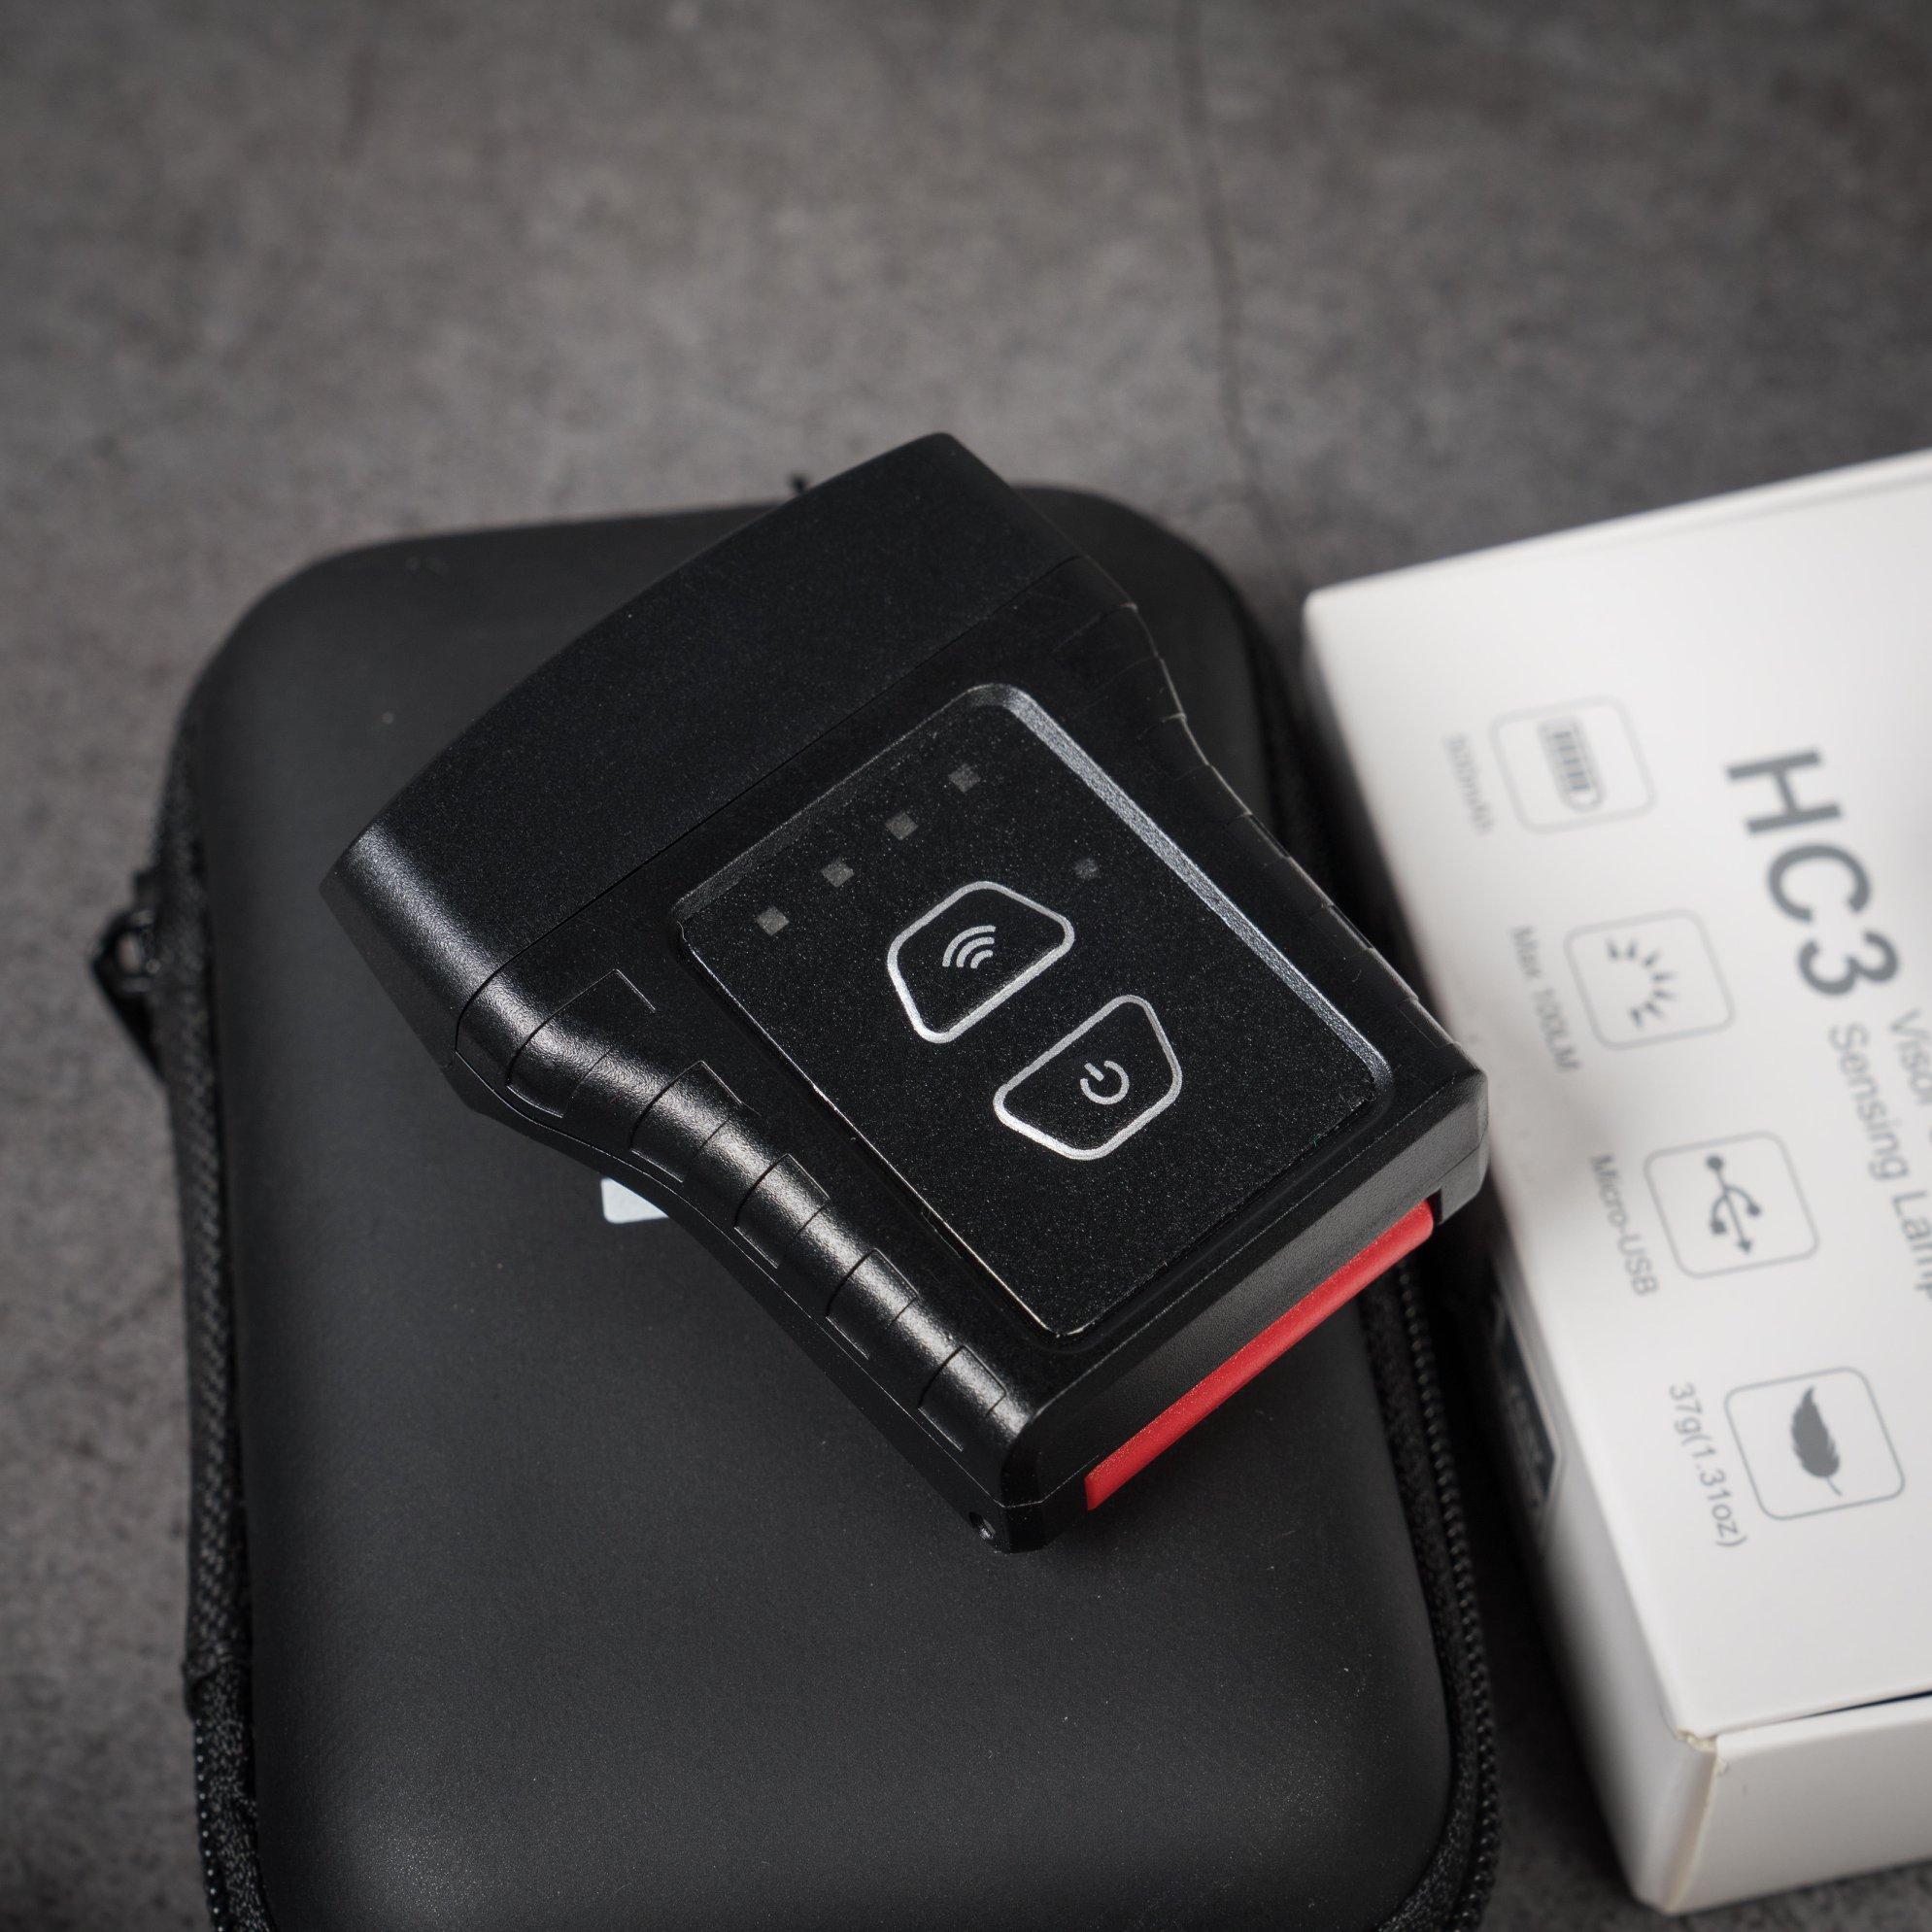 Công tắc chính - Công tắc cảm biến và đèn báo thời lượng pin